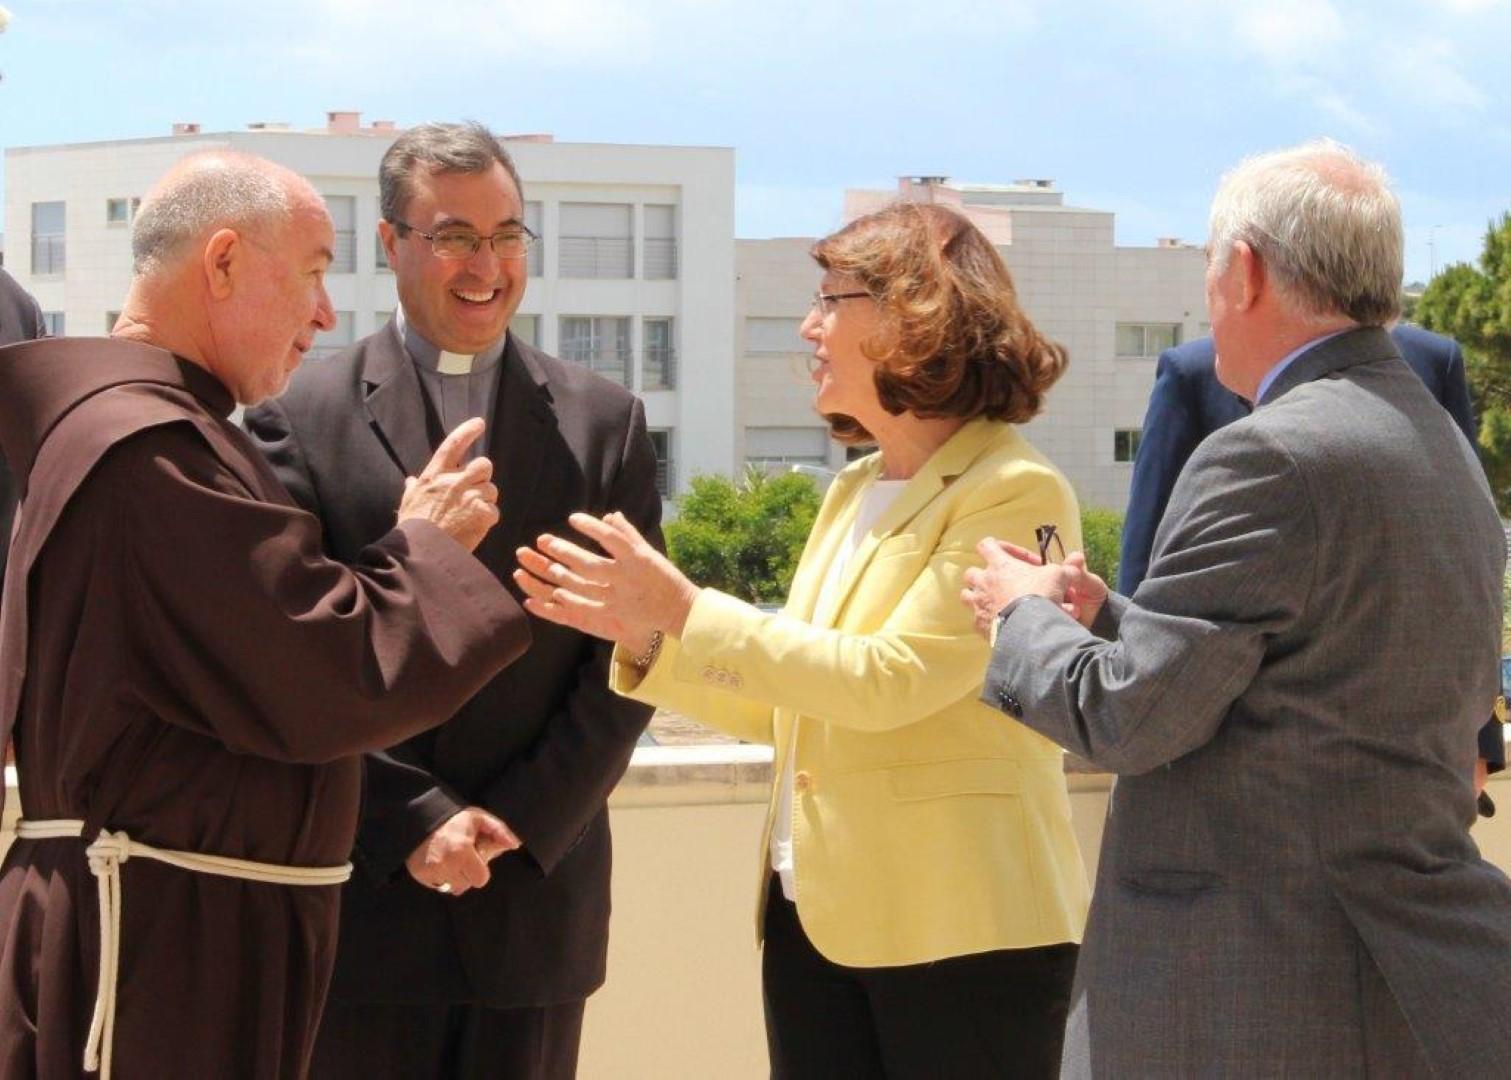 Em Oeiras_Visita Pastoral de Dom Manuel Linda ao Instituto de Apoio Social das Forcas Armadas